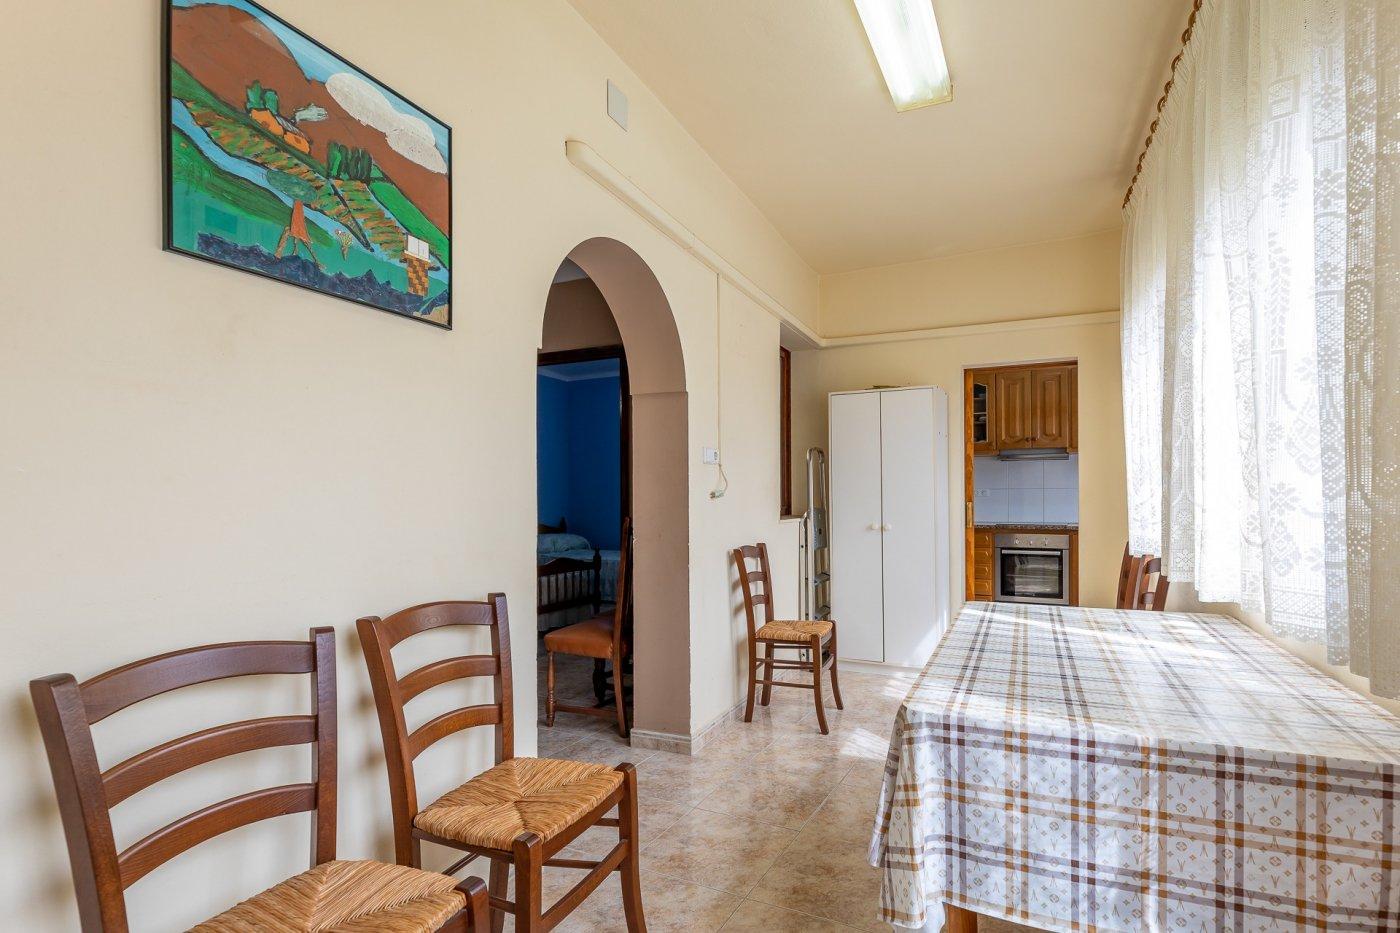 Primer piso de 107 m² de superficie en buen estado en la zona de camp redó, palma de mallo - imagenInmueble12